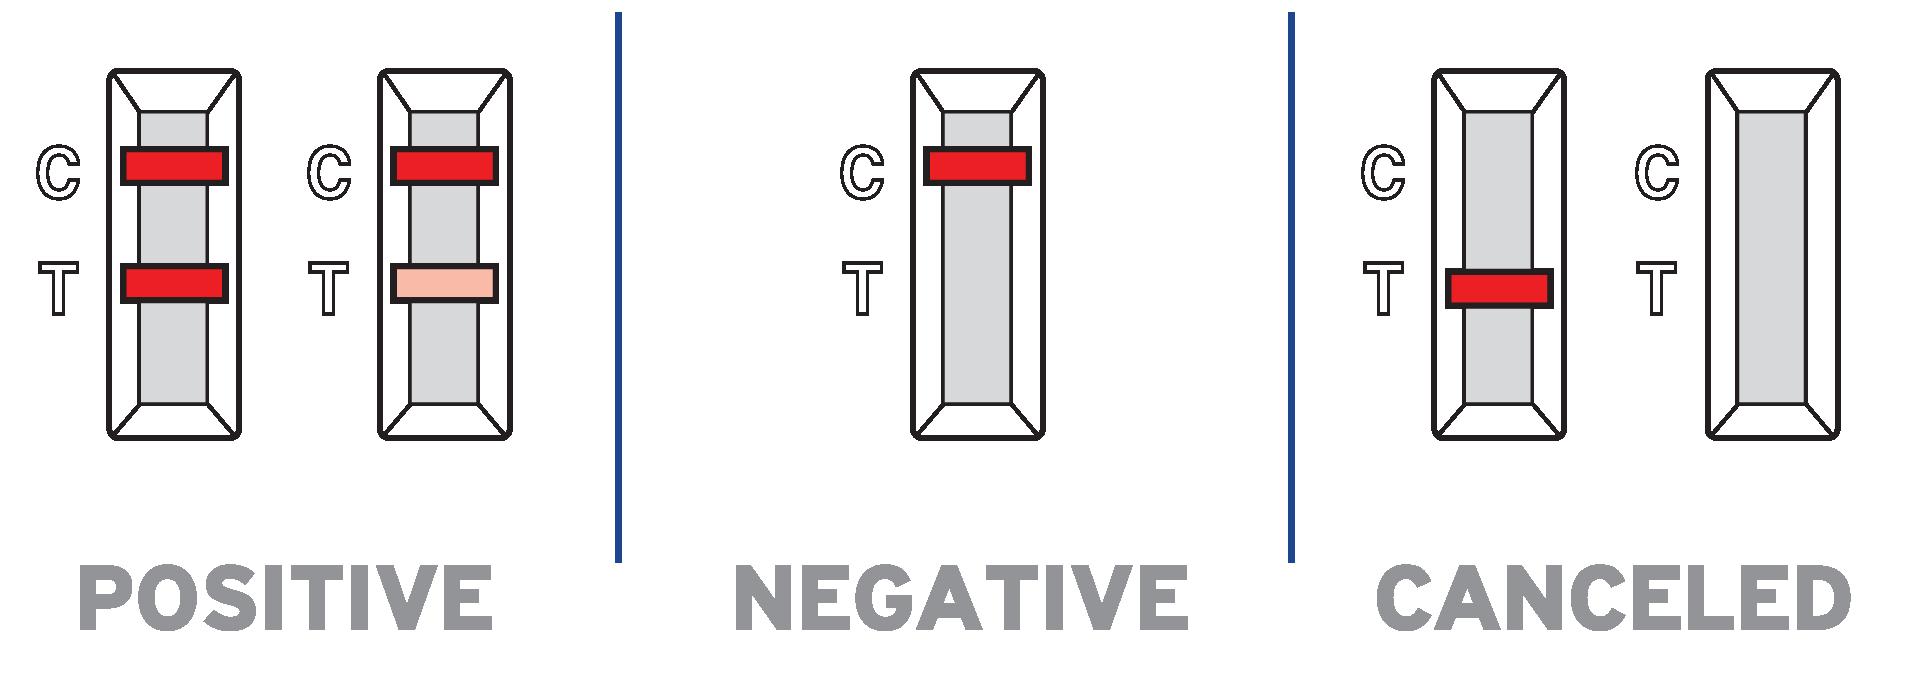 SieloCovidAg® antigen rapid test results